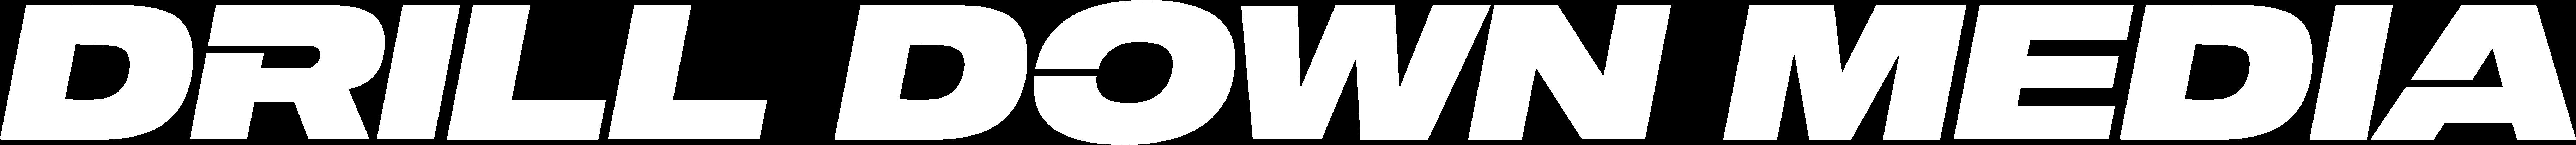 Drill Down Media